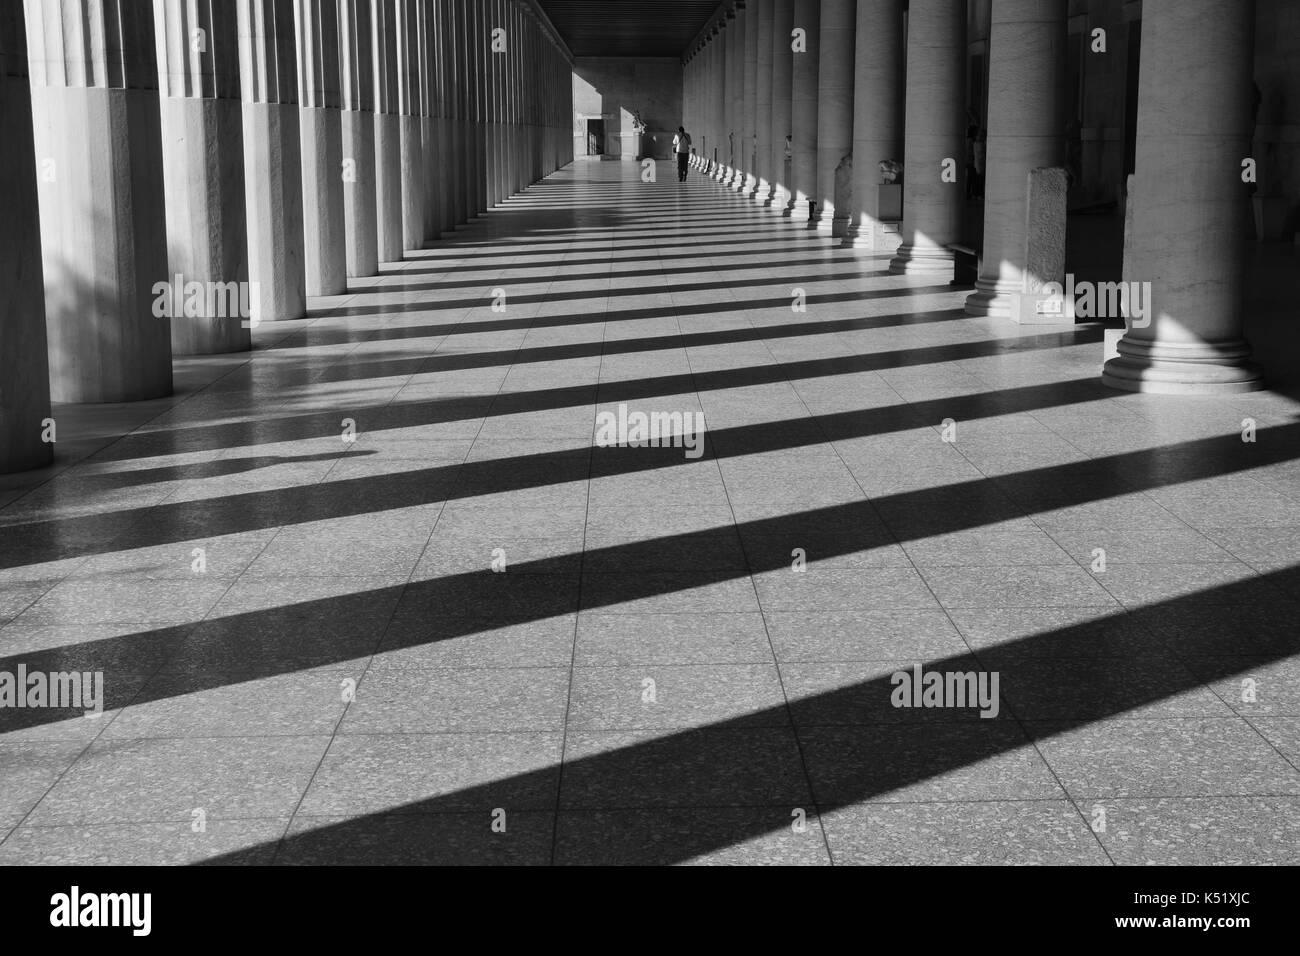 Athens, Grecia - 14 ottobre 2015: uomo a camminare tra le colonne del gruppo di lavoro Stoa di Attalos l antica agora. luce e ombra architettura astratta di un nero Foto Stock